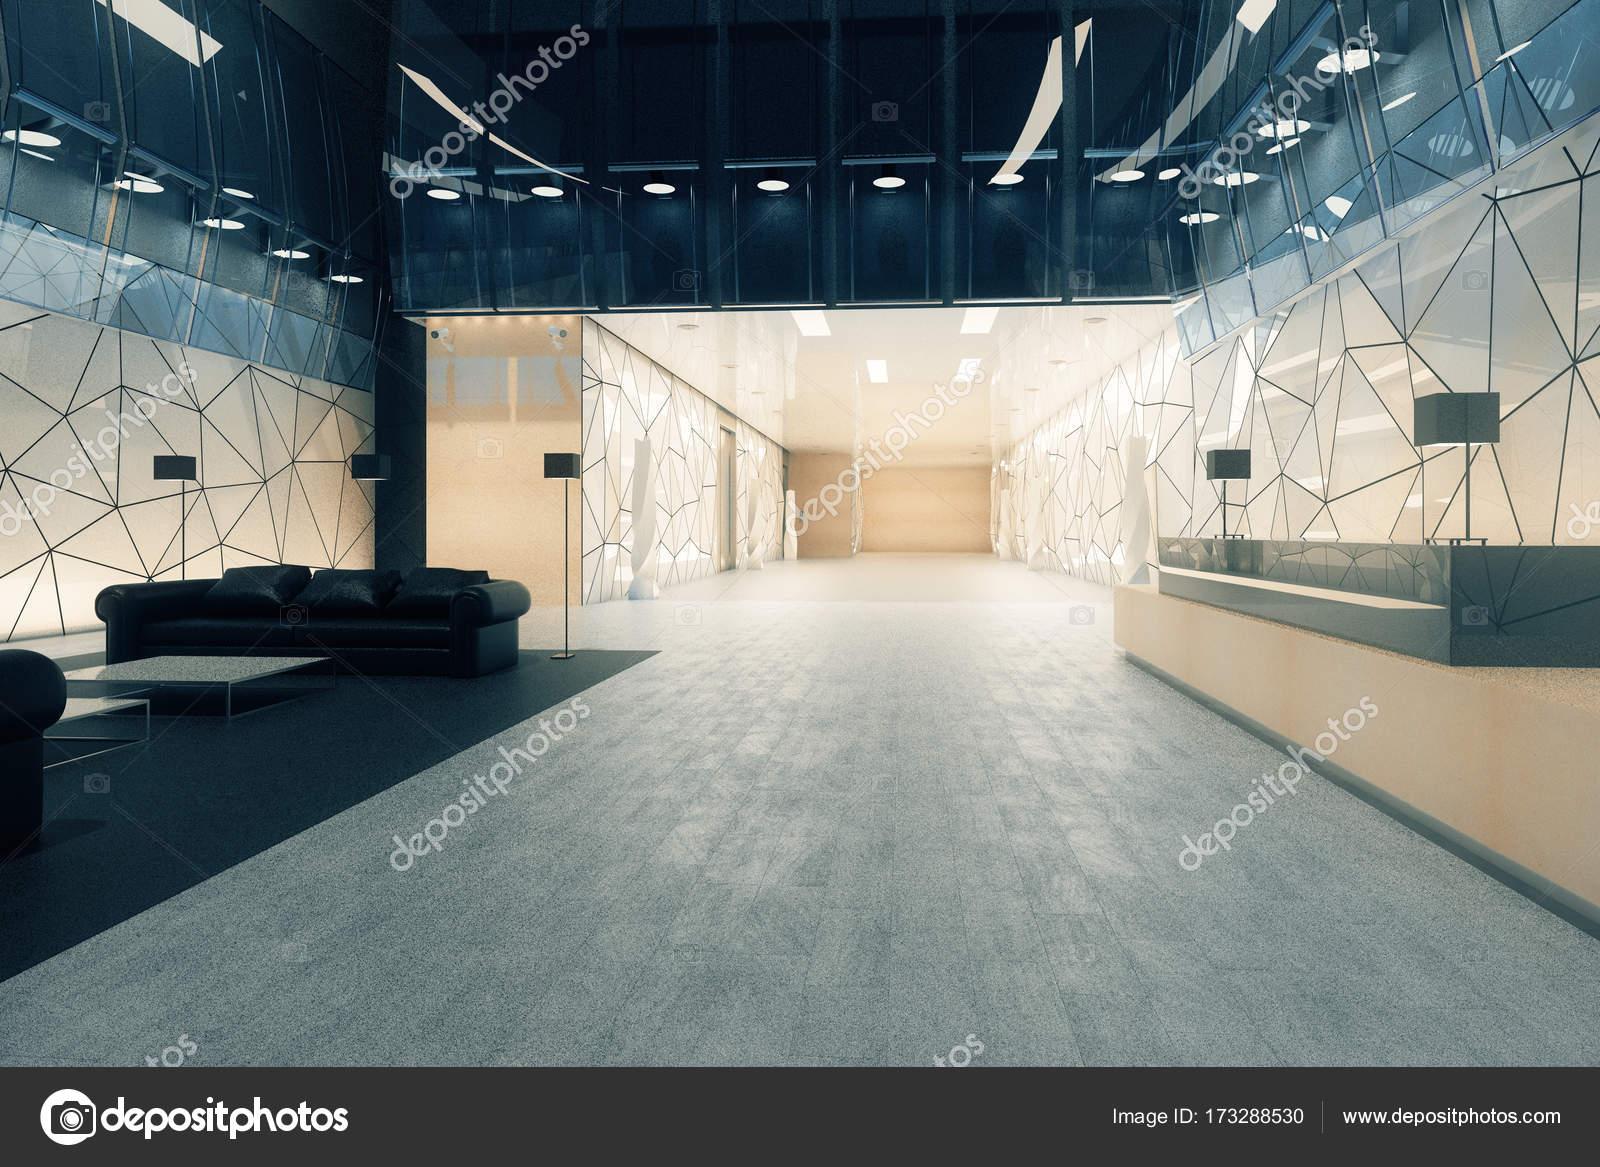 Moderne kantoor met receptie en lounge u2014 stockfoto © peshkov #173288530